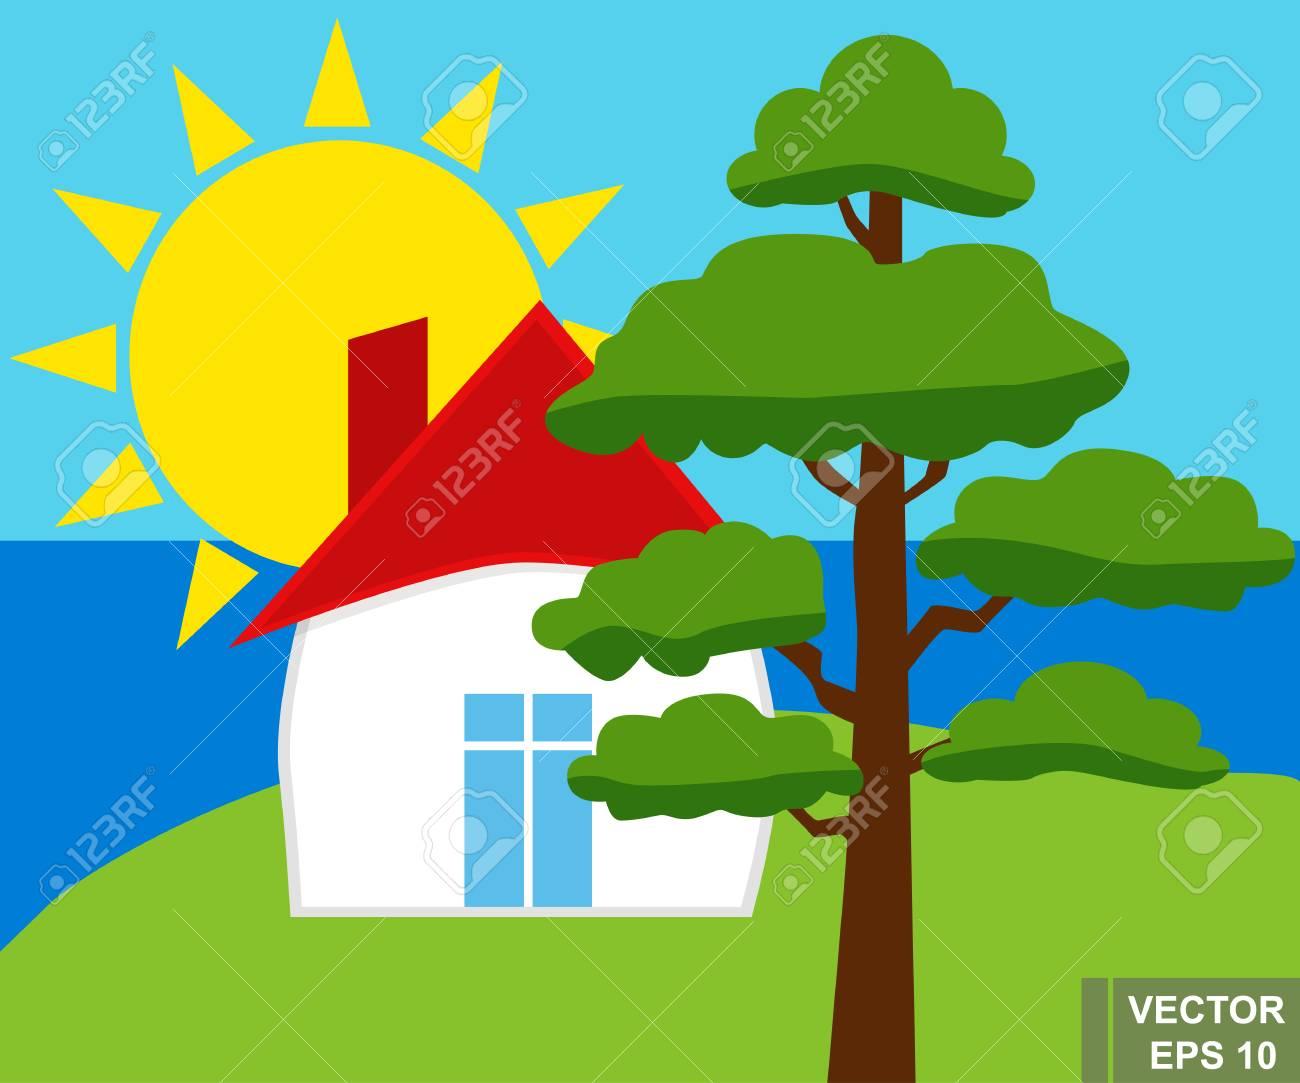 Landschaft. Haus. Baum. Gutes Wetter. Für Ihr Design. Lizenzfrei ...